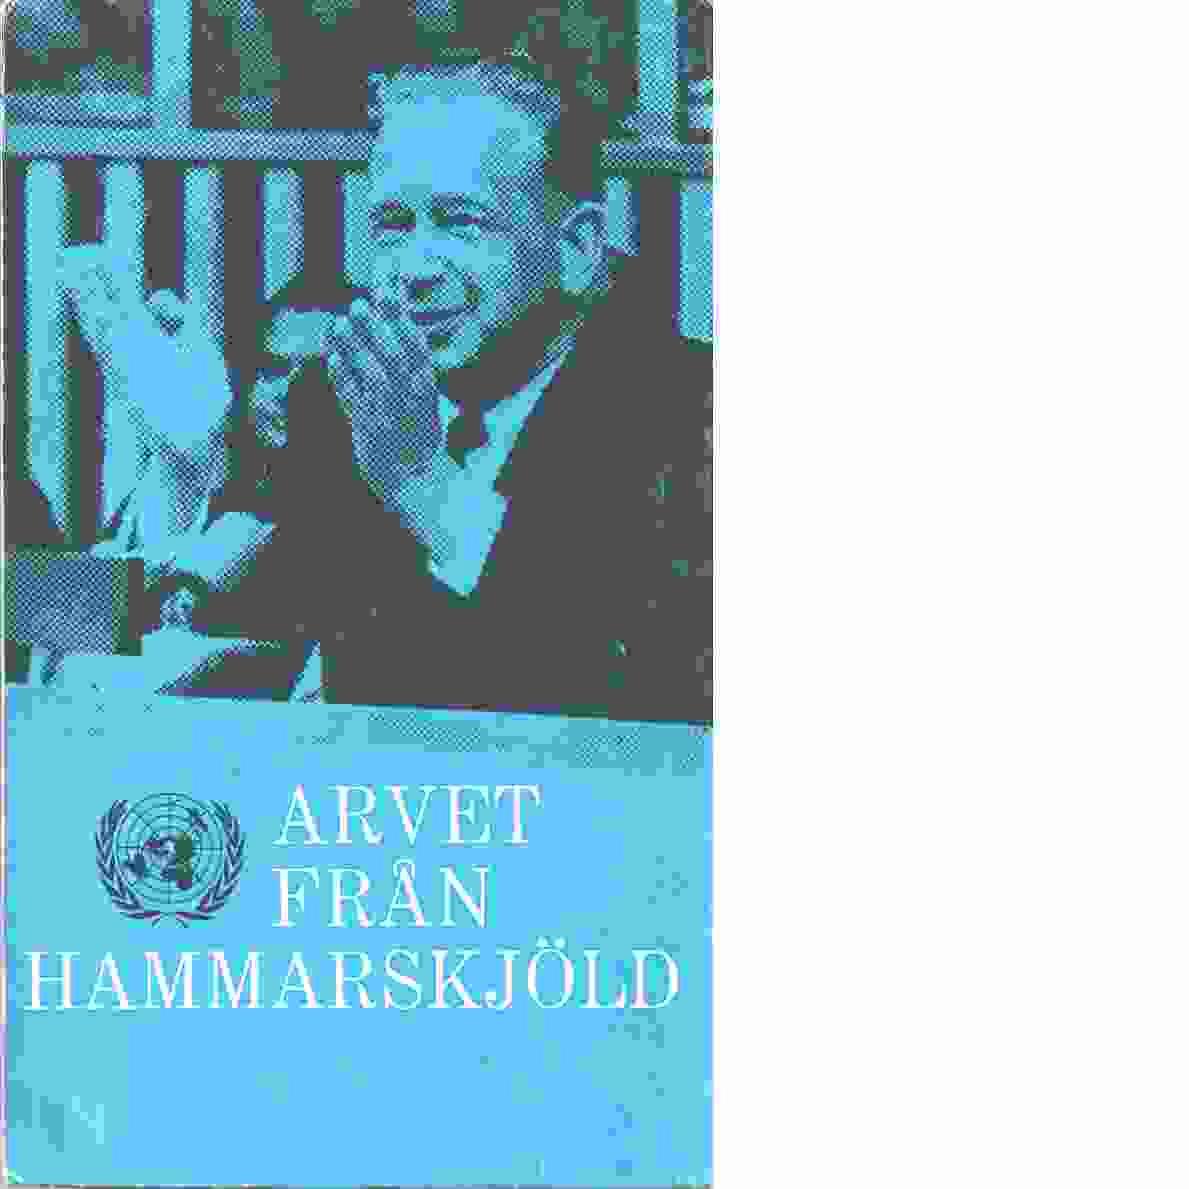 Arvet från Hammarskjöld - Red. Erlander, Tage